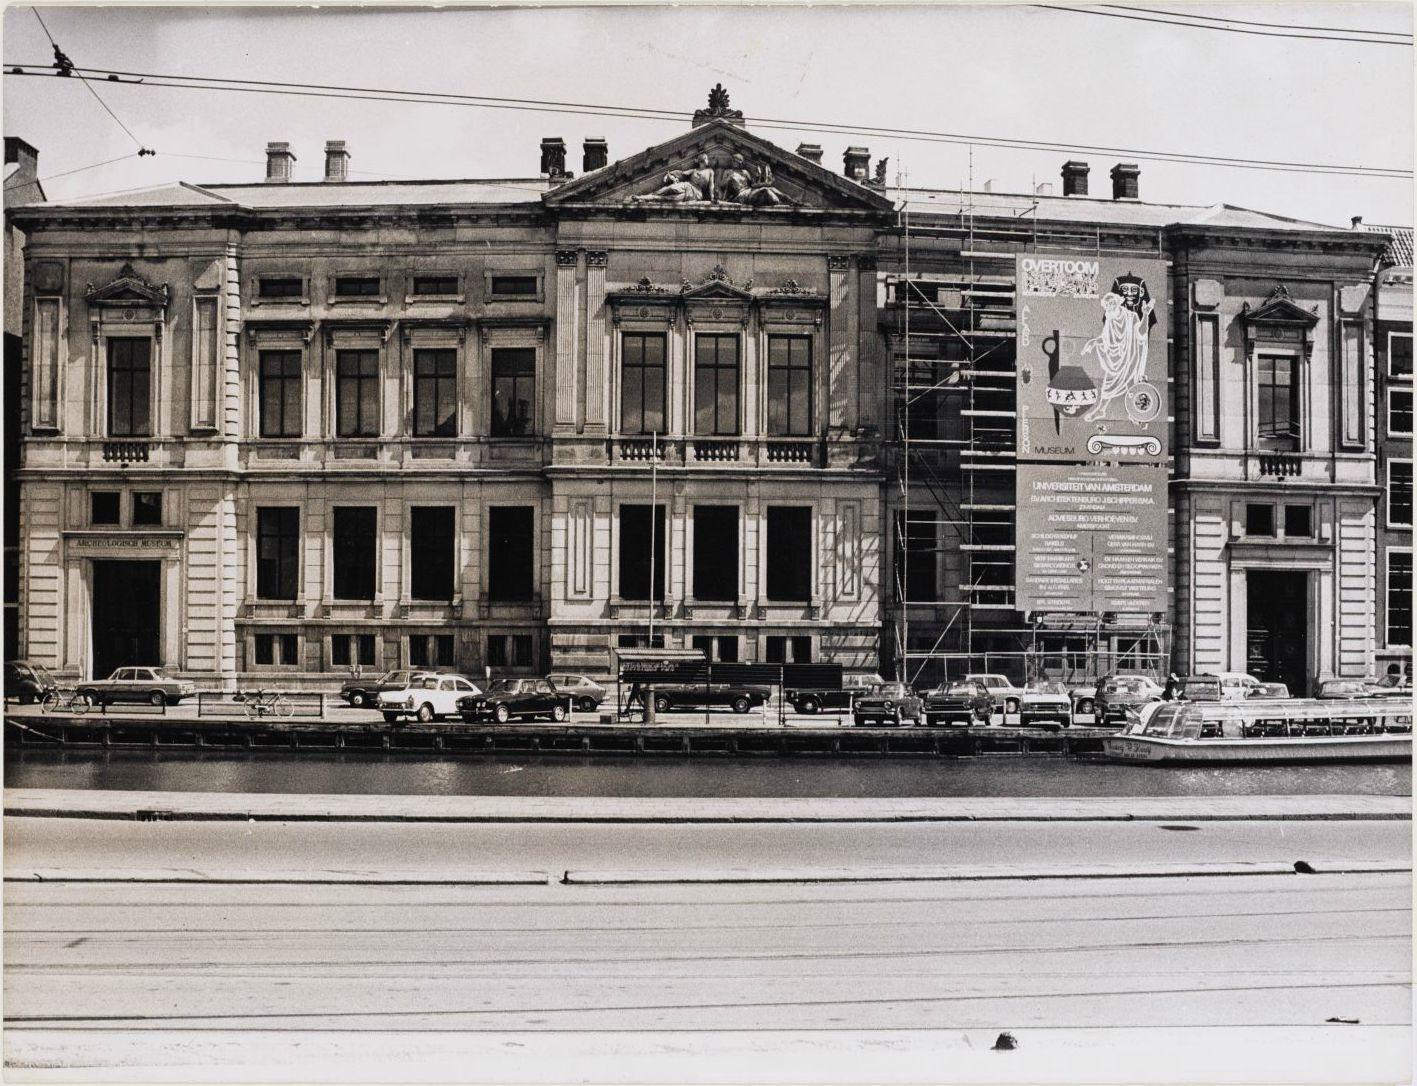 Verbouwing van de voormalige Nederlandsche Bank tot Allard Piersonmuseum (1975)